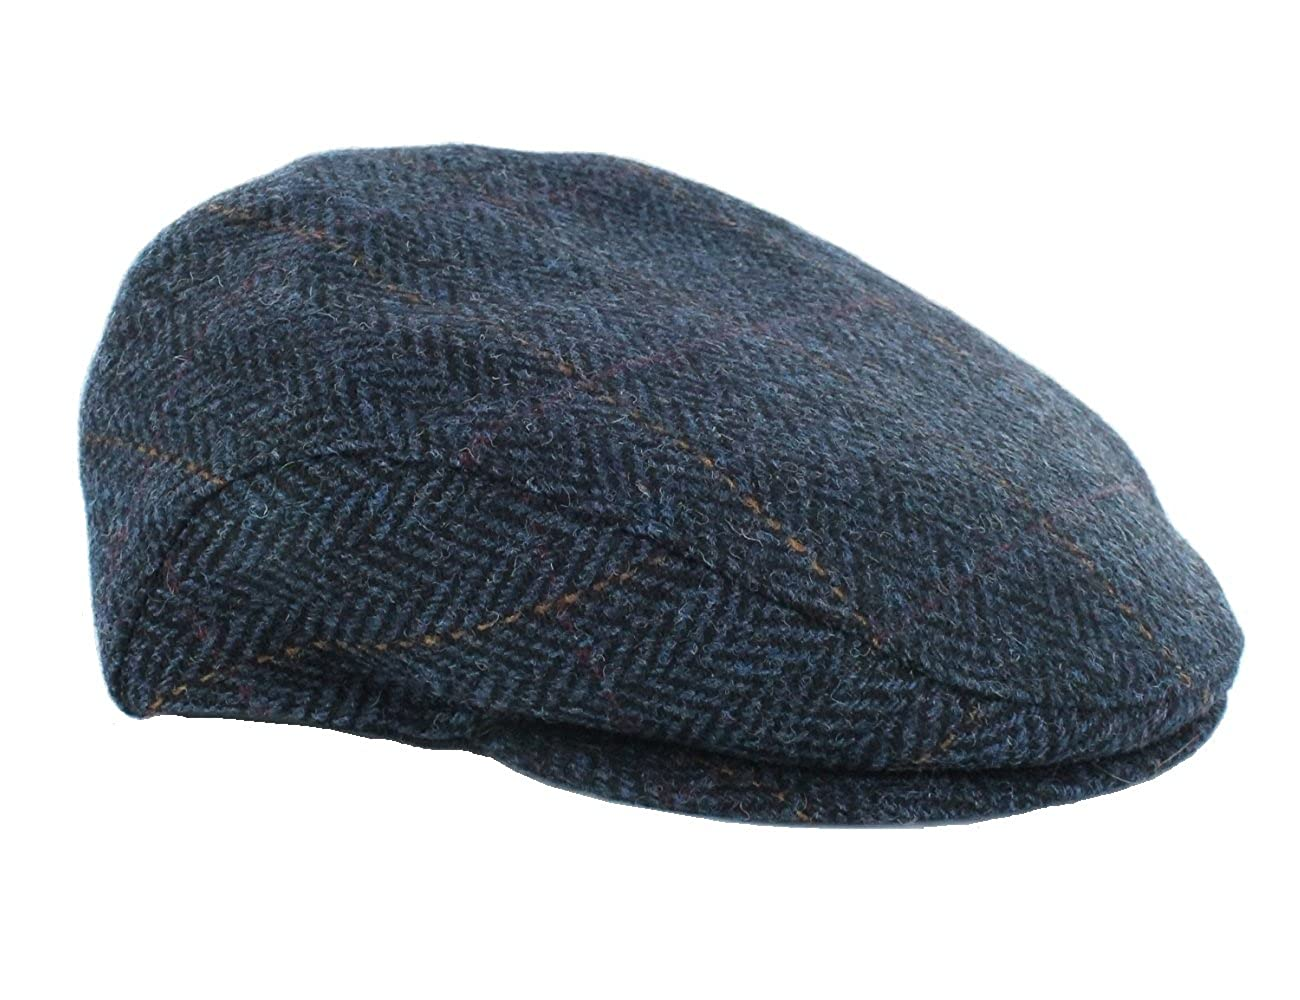 Irish Flat Cap 100% Wool Navy Herringbone Made in Ireland Mucros